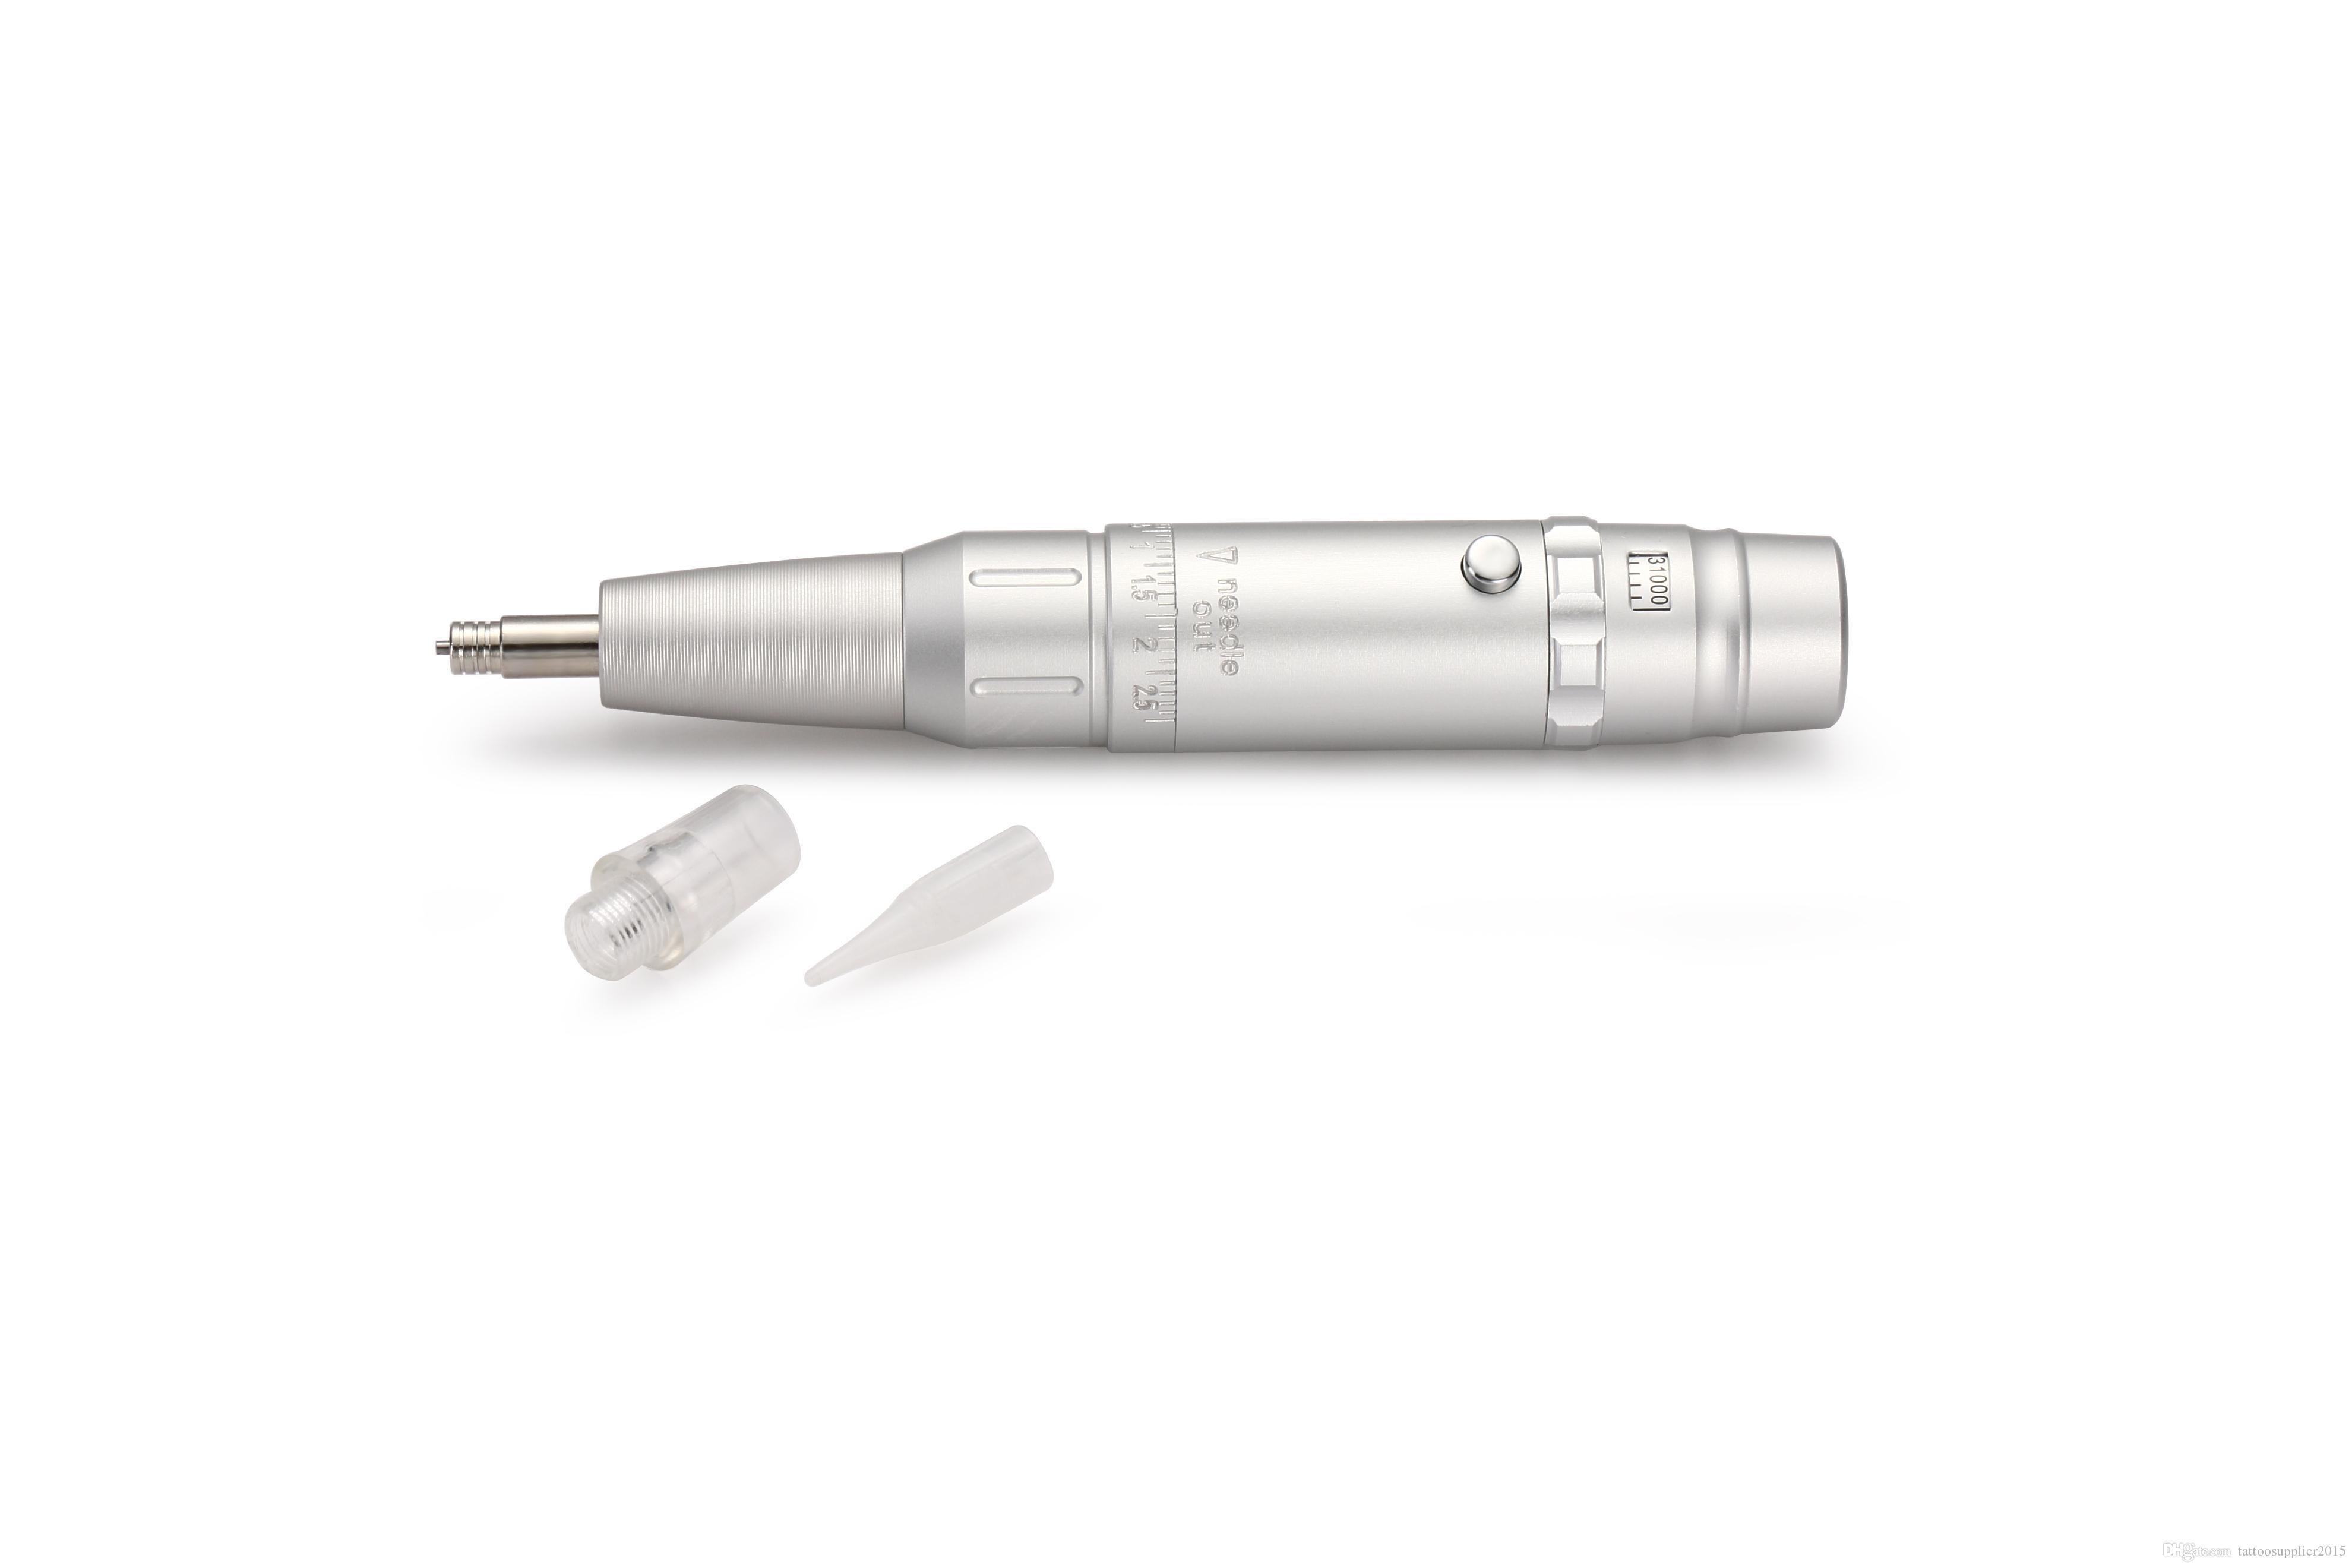 가져 오기 영구 메이크업 펜 수동 기계 눈 썹 입술 기계 입술 아이 라이너 문신 용품에 대 한